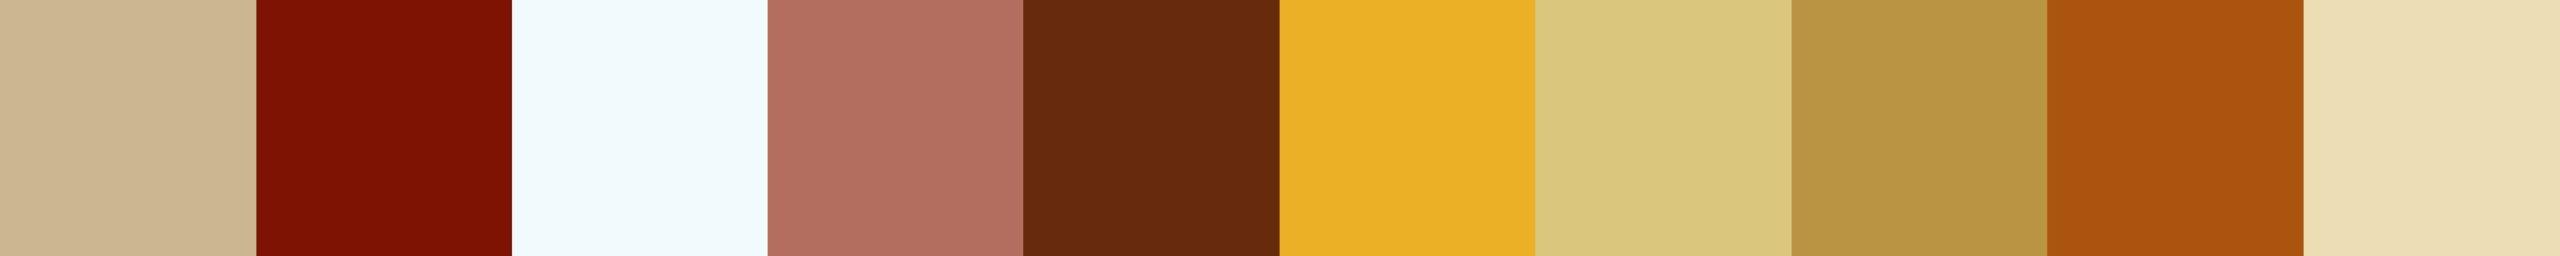 459 Soumal Color Palette